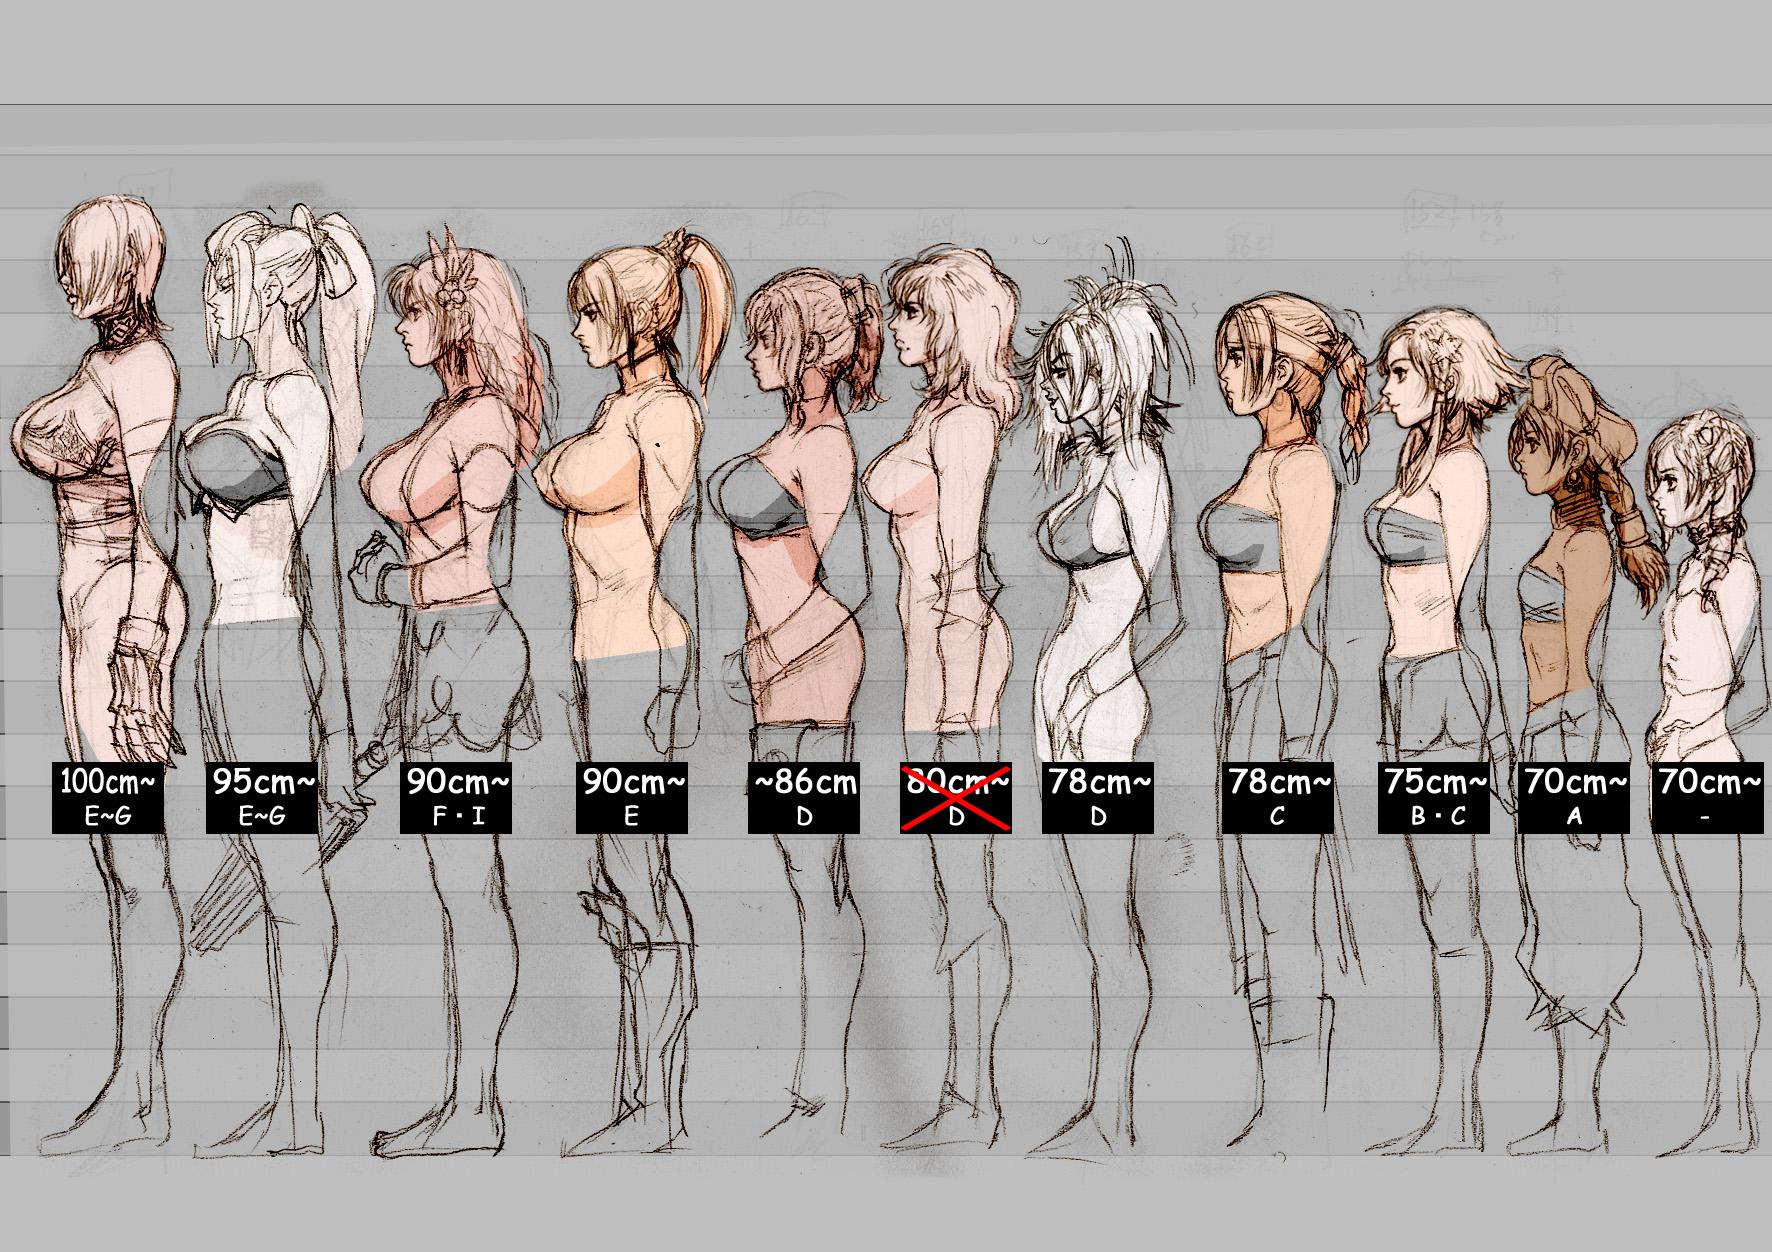 34 на размер груди: